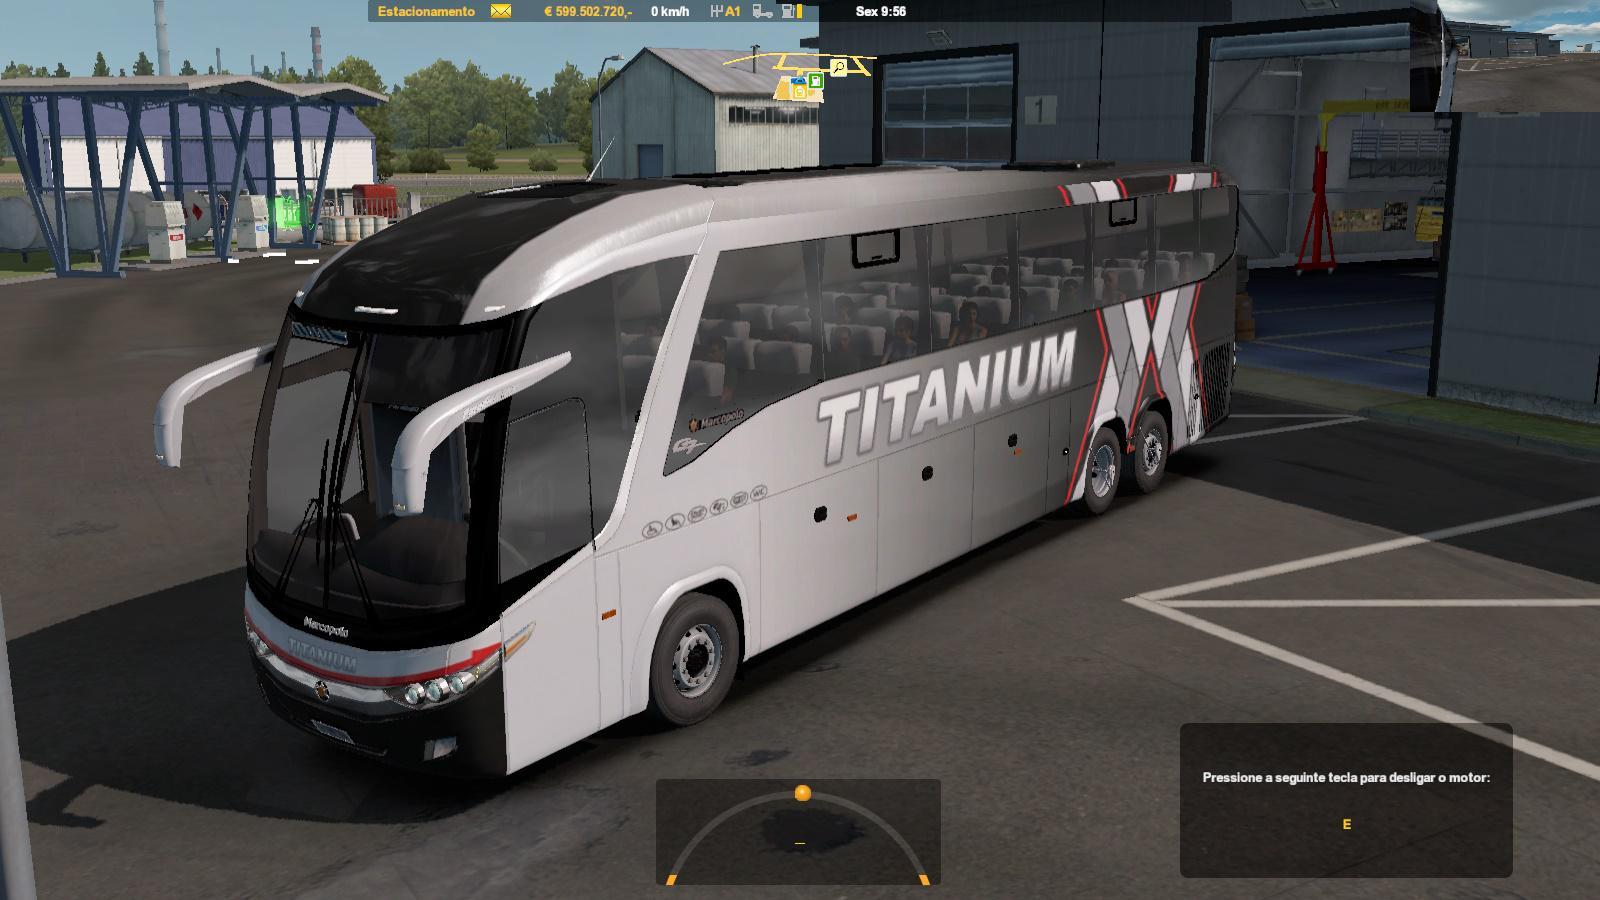 ETS2 - Bus G7 1200 Mexico Facelift 2.5 (1.36.X)